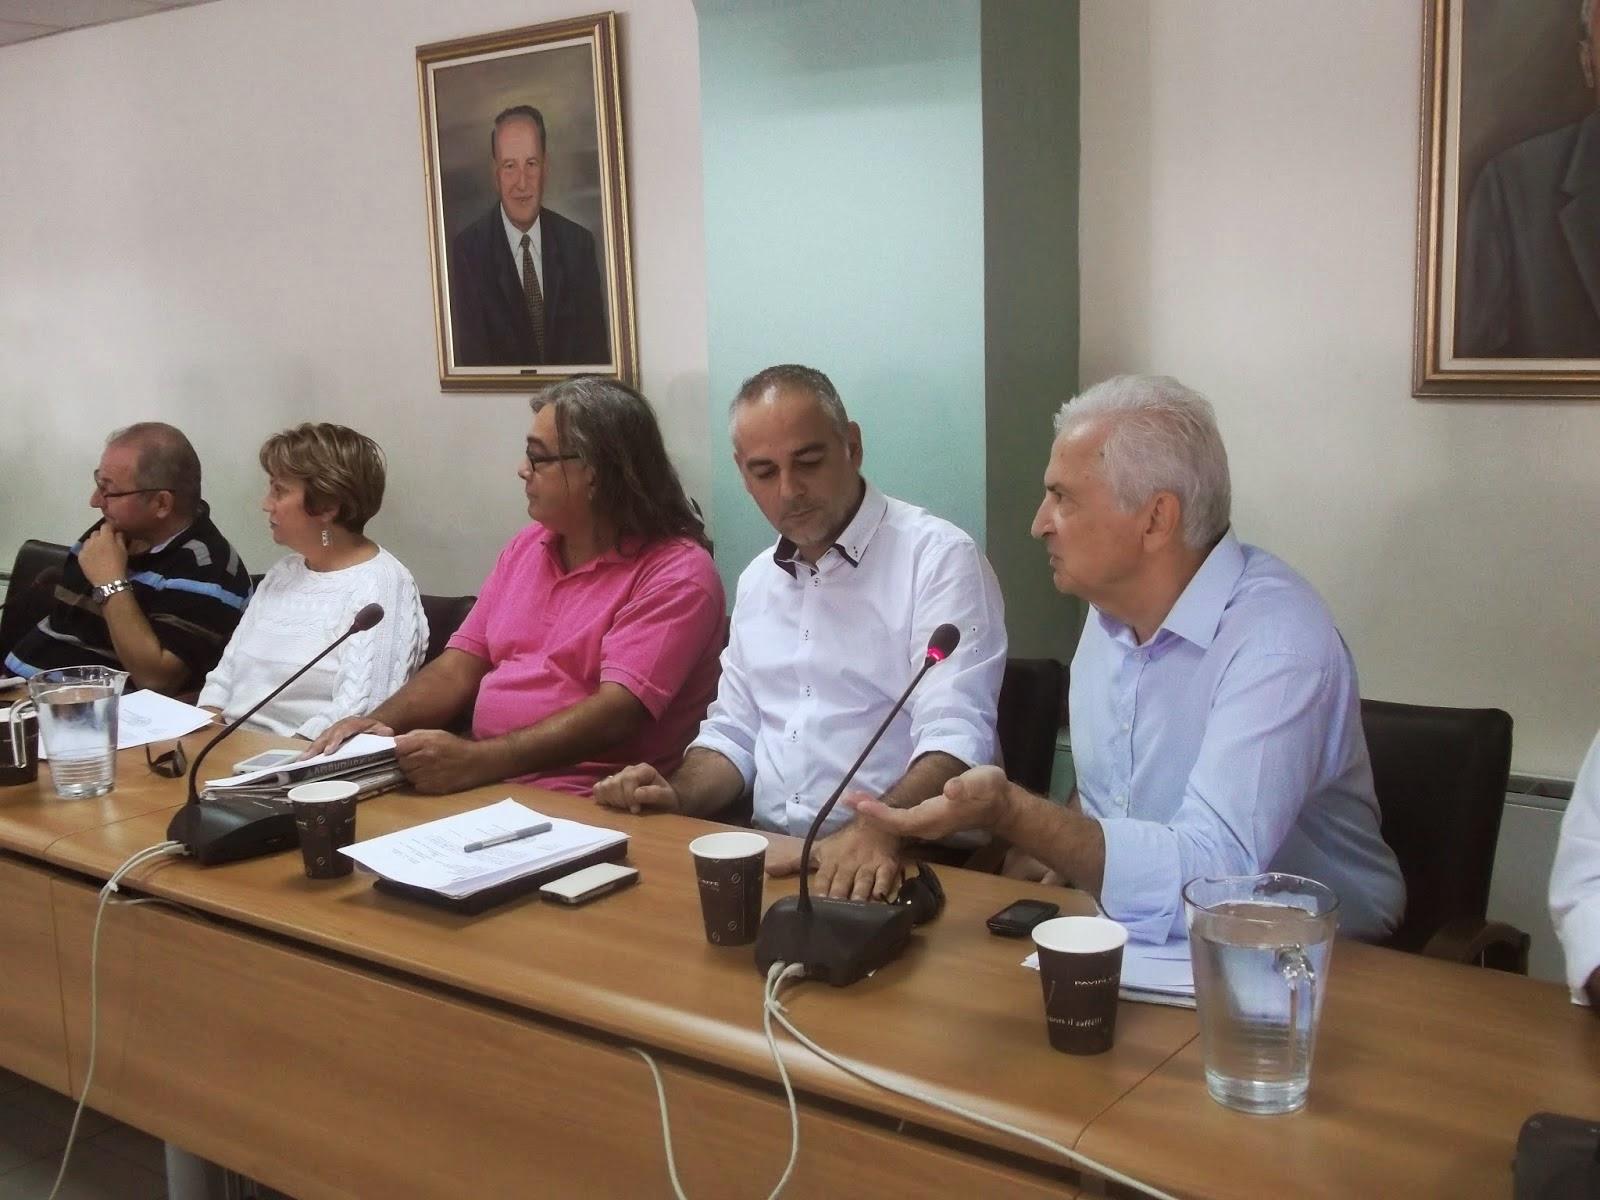 Άς σταματήσει κ. Δήμαρχος να κάθεται πάνω στις δάφνες των μεγάλων εκλογικών ποσοστών που πήρε και να ασχοληθεί με τα πολύ σοβαρά προβλήματα που υπάρχουν στο Περιστέρι στο χώρο της παιδείας